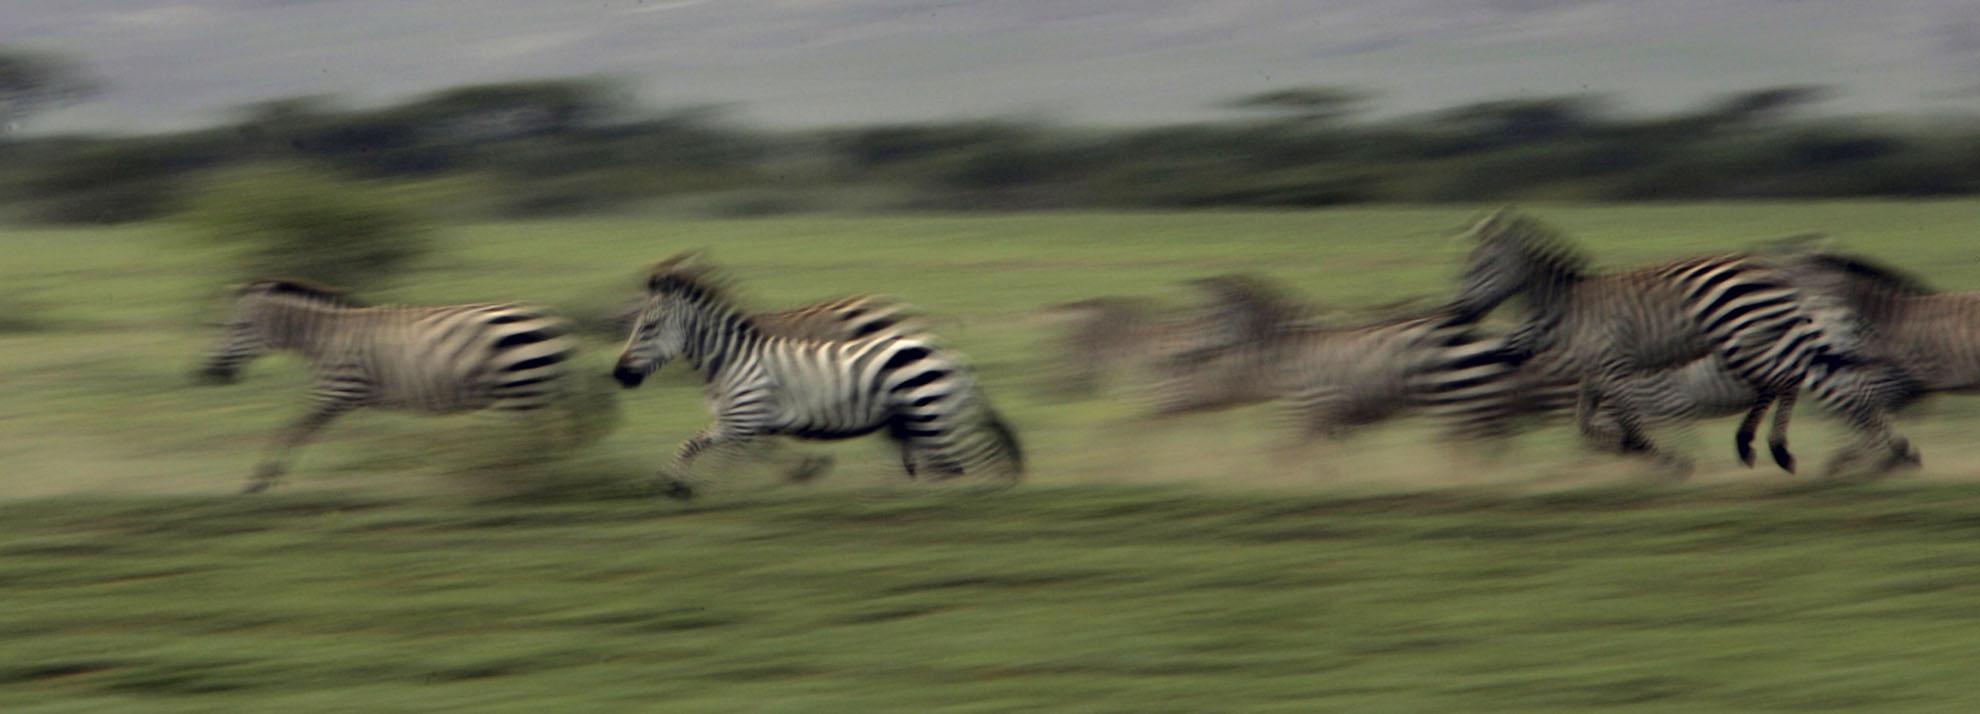 Zebras, Tanzania